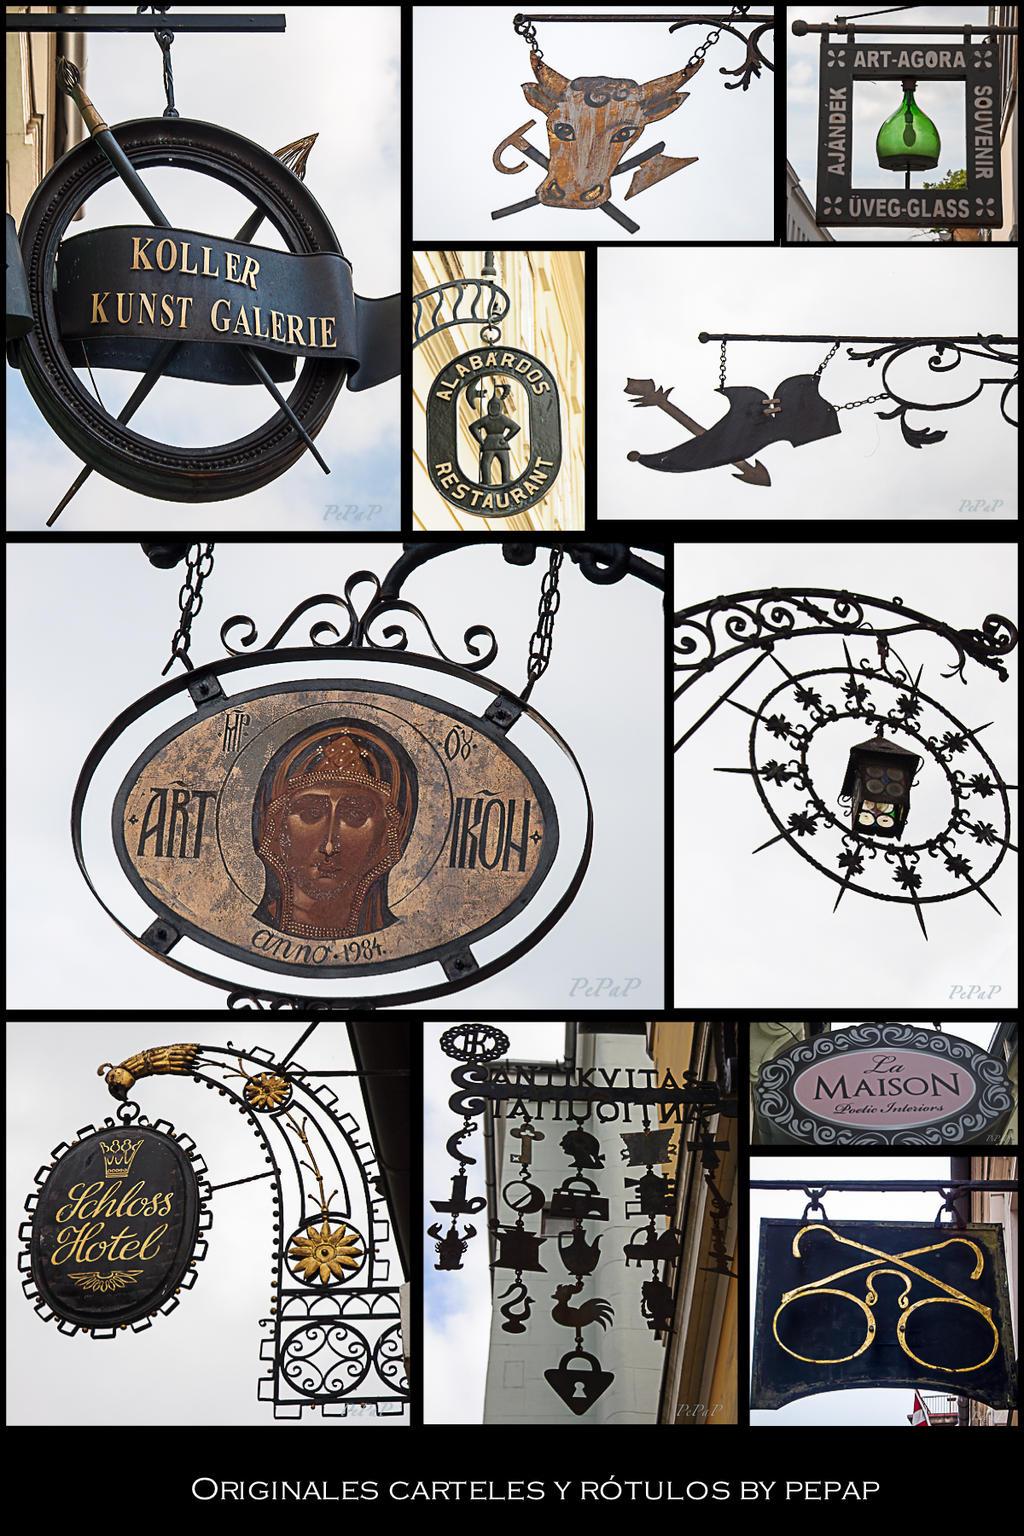 Originales carteles by pepap on deviantart - Carteles originales ...